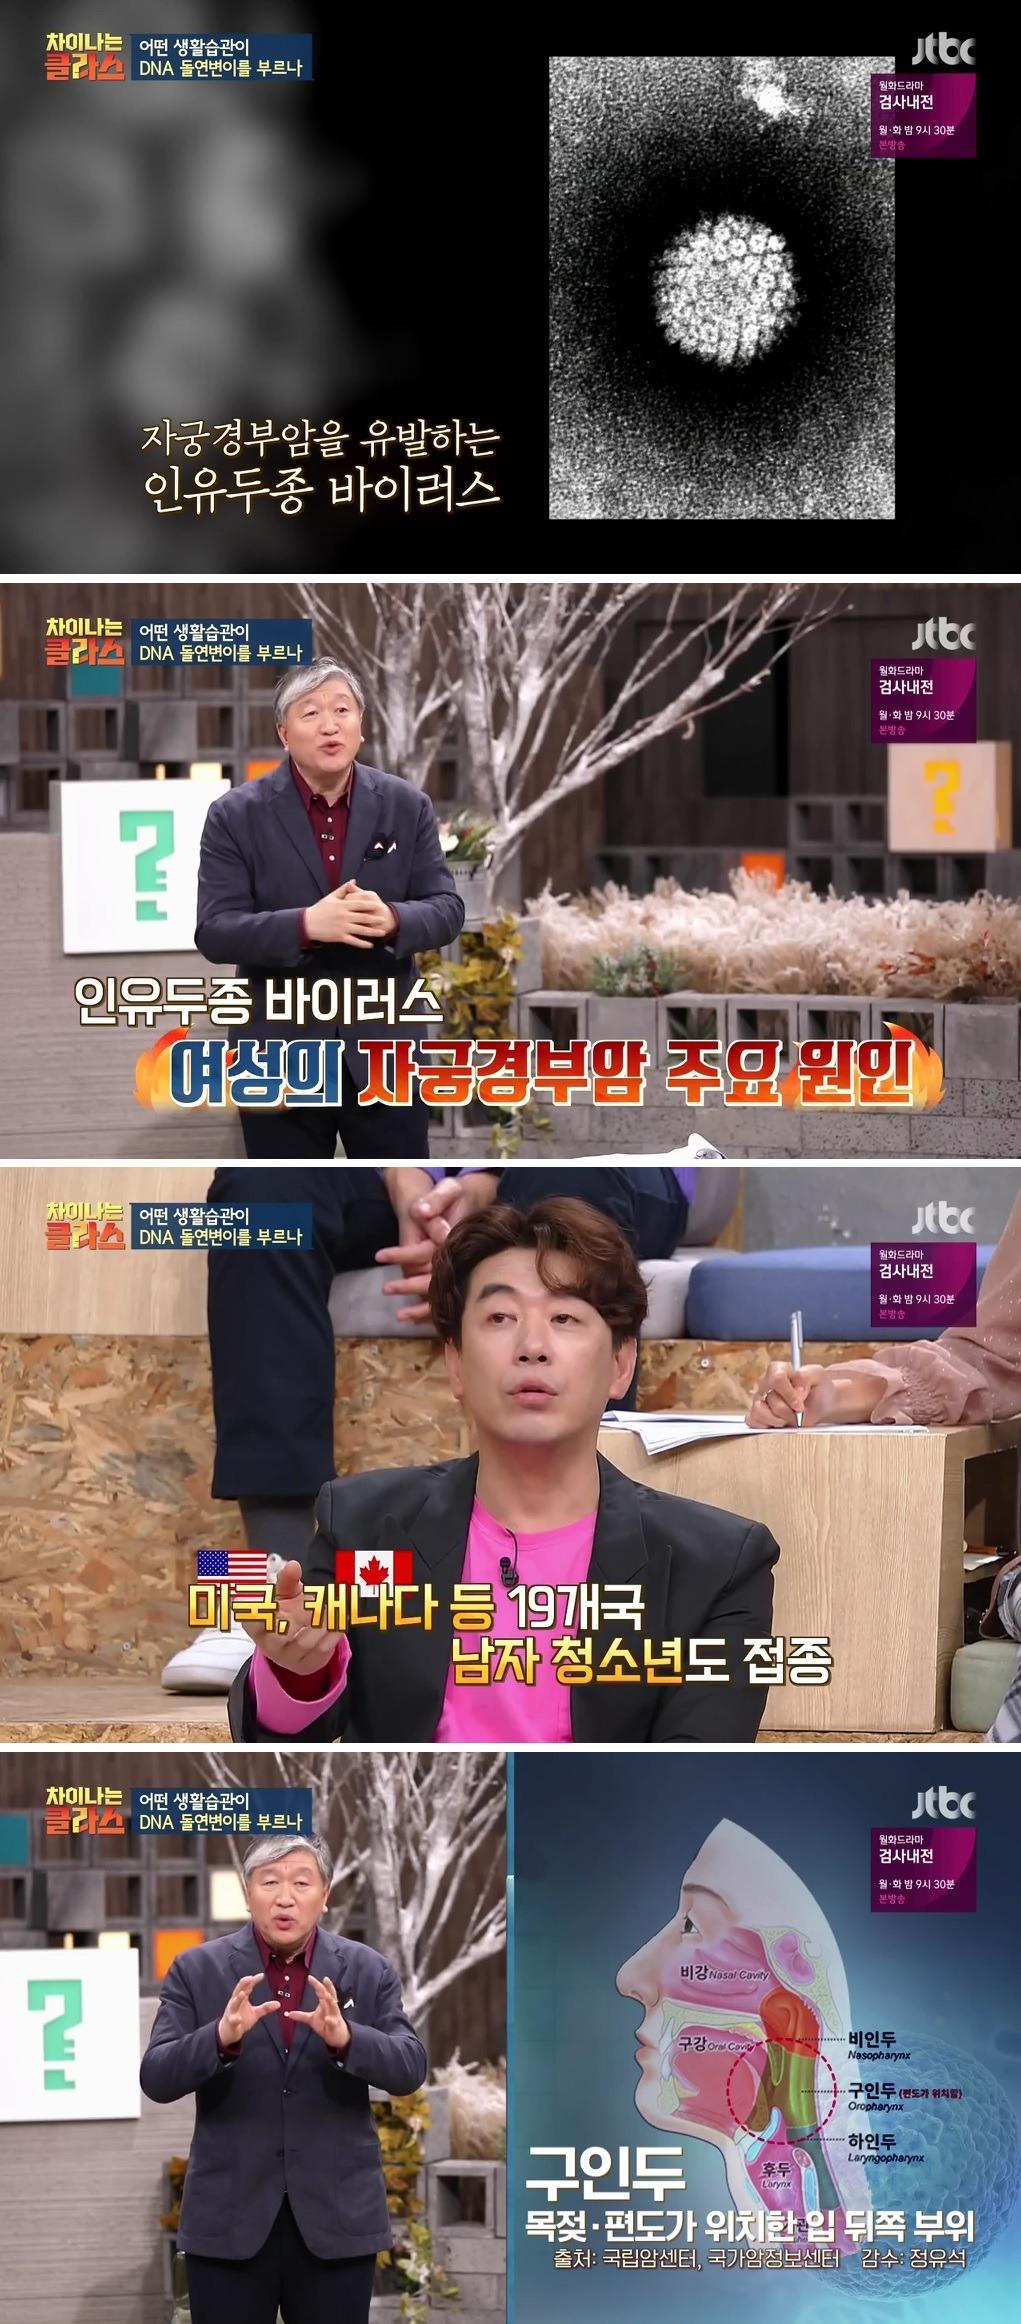 현재 한국인을 위협하는 암